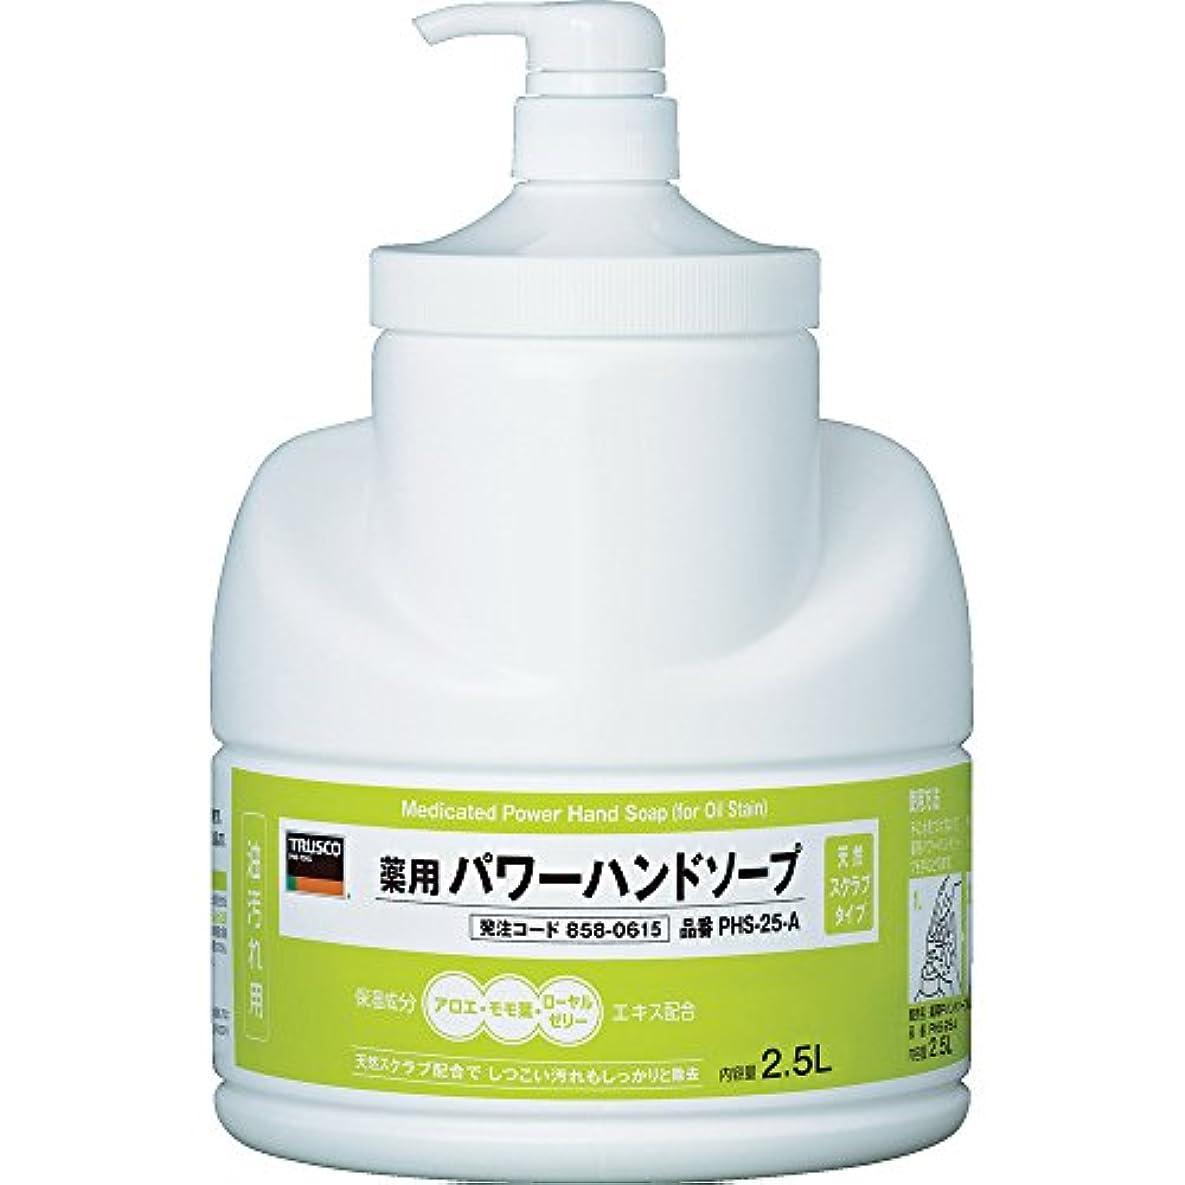 市区町村免疫するキャッシュTRUSCO(トラスコ) 薬用パワーハンドソープポンプボトル 2.5L PHS-25-A